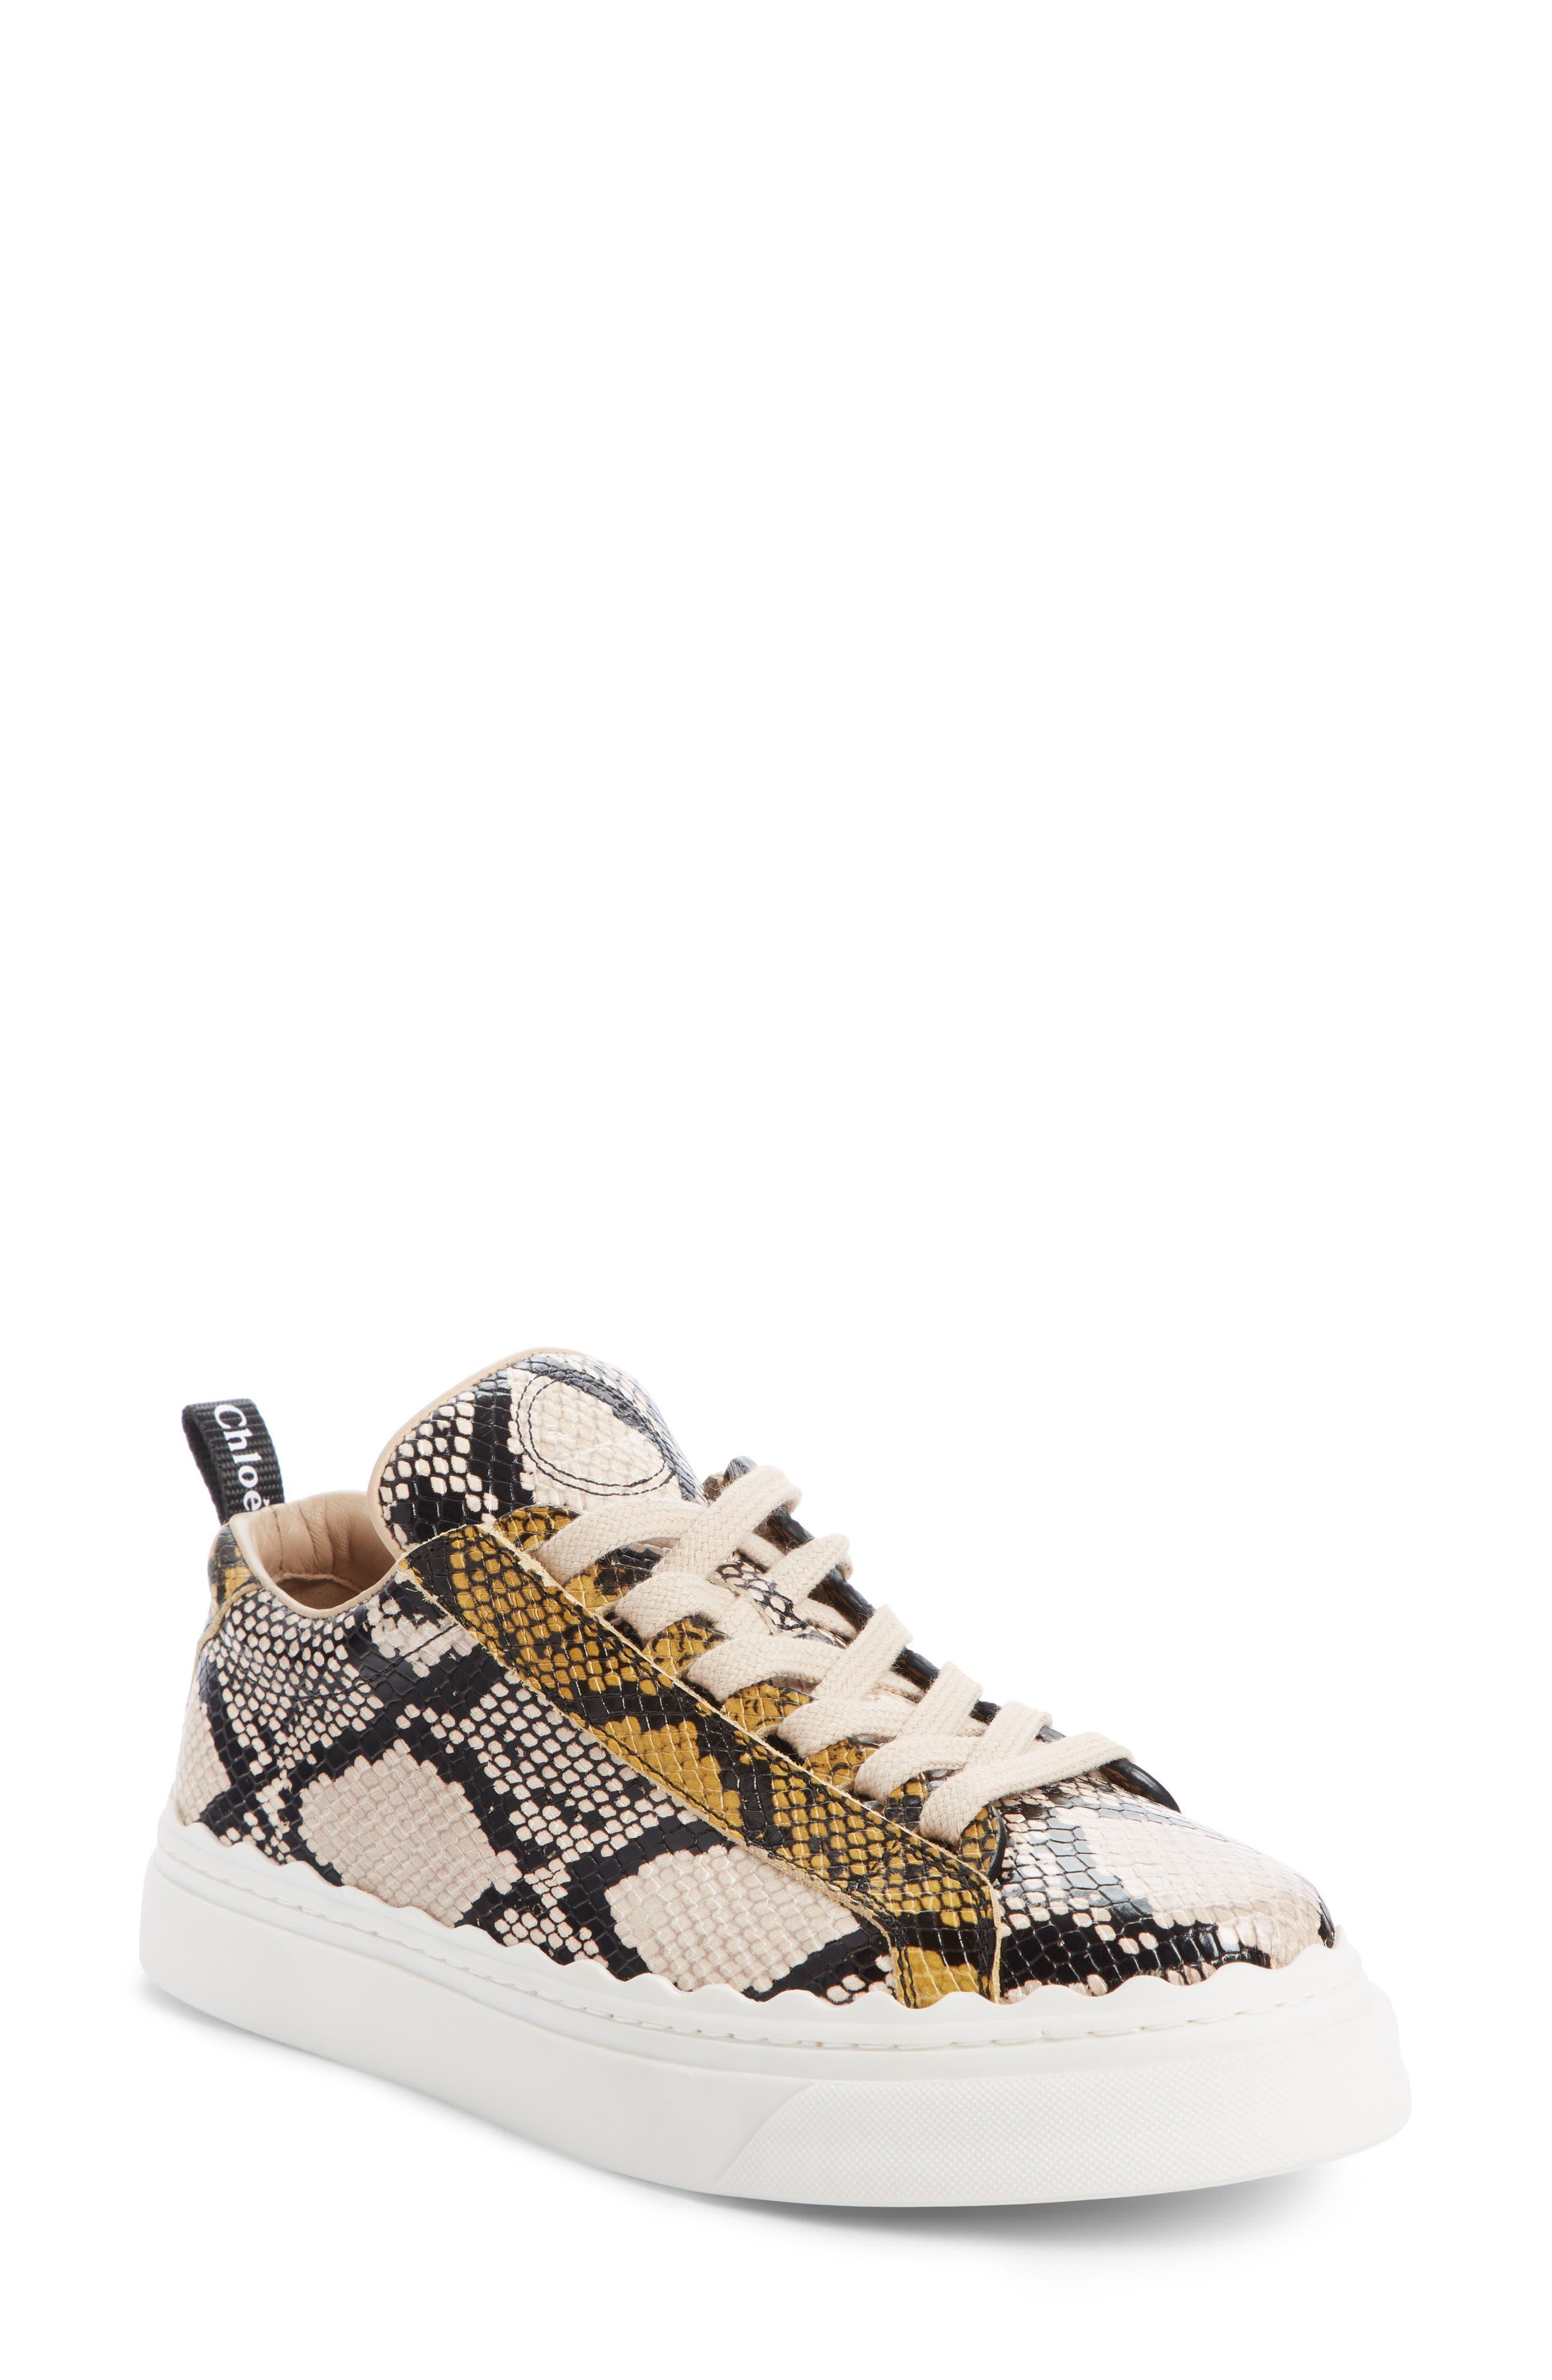 Lauren Sneaker,                             Main thumbnail 1, color,                             SEPTEMBER SUN LEATHER